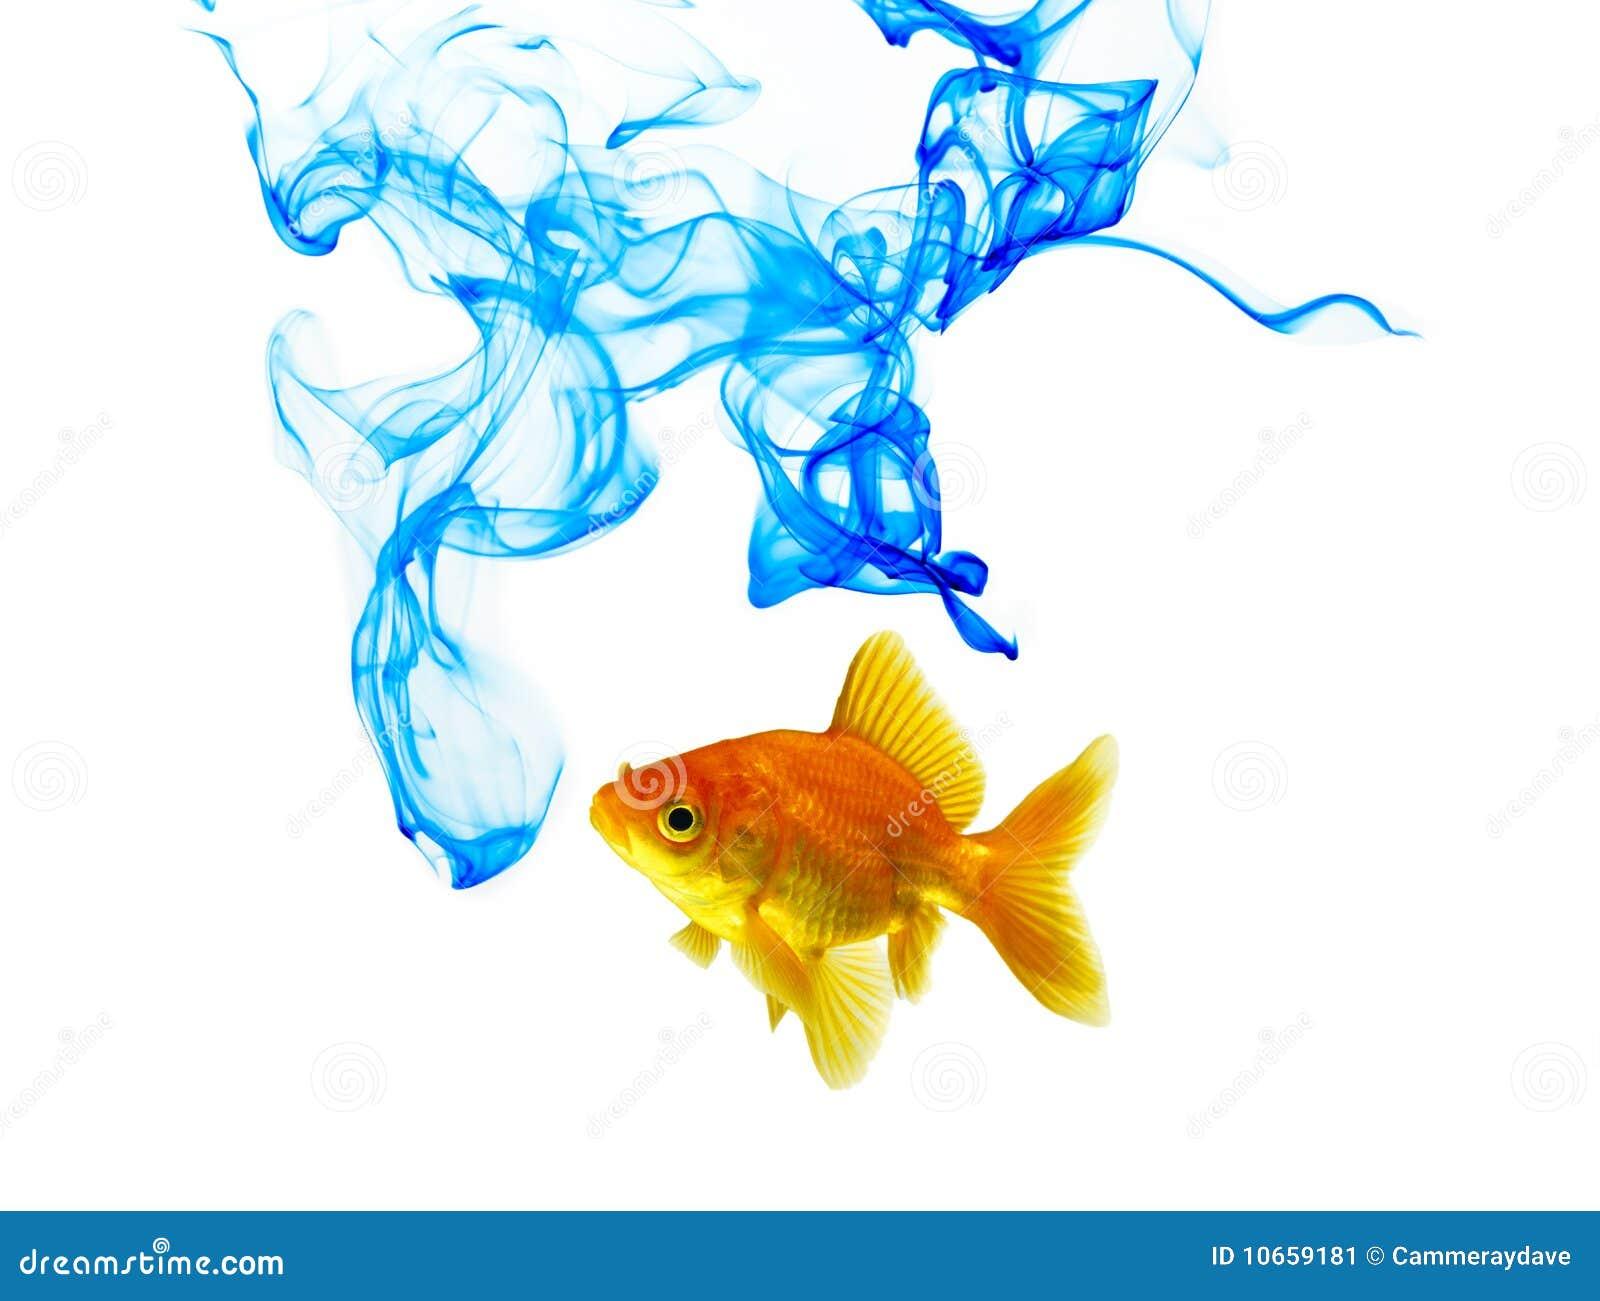 蓝色颜色金鱼墨水